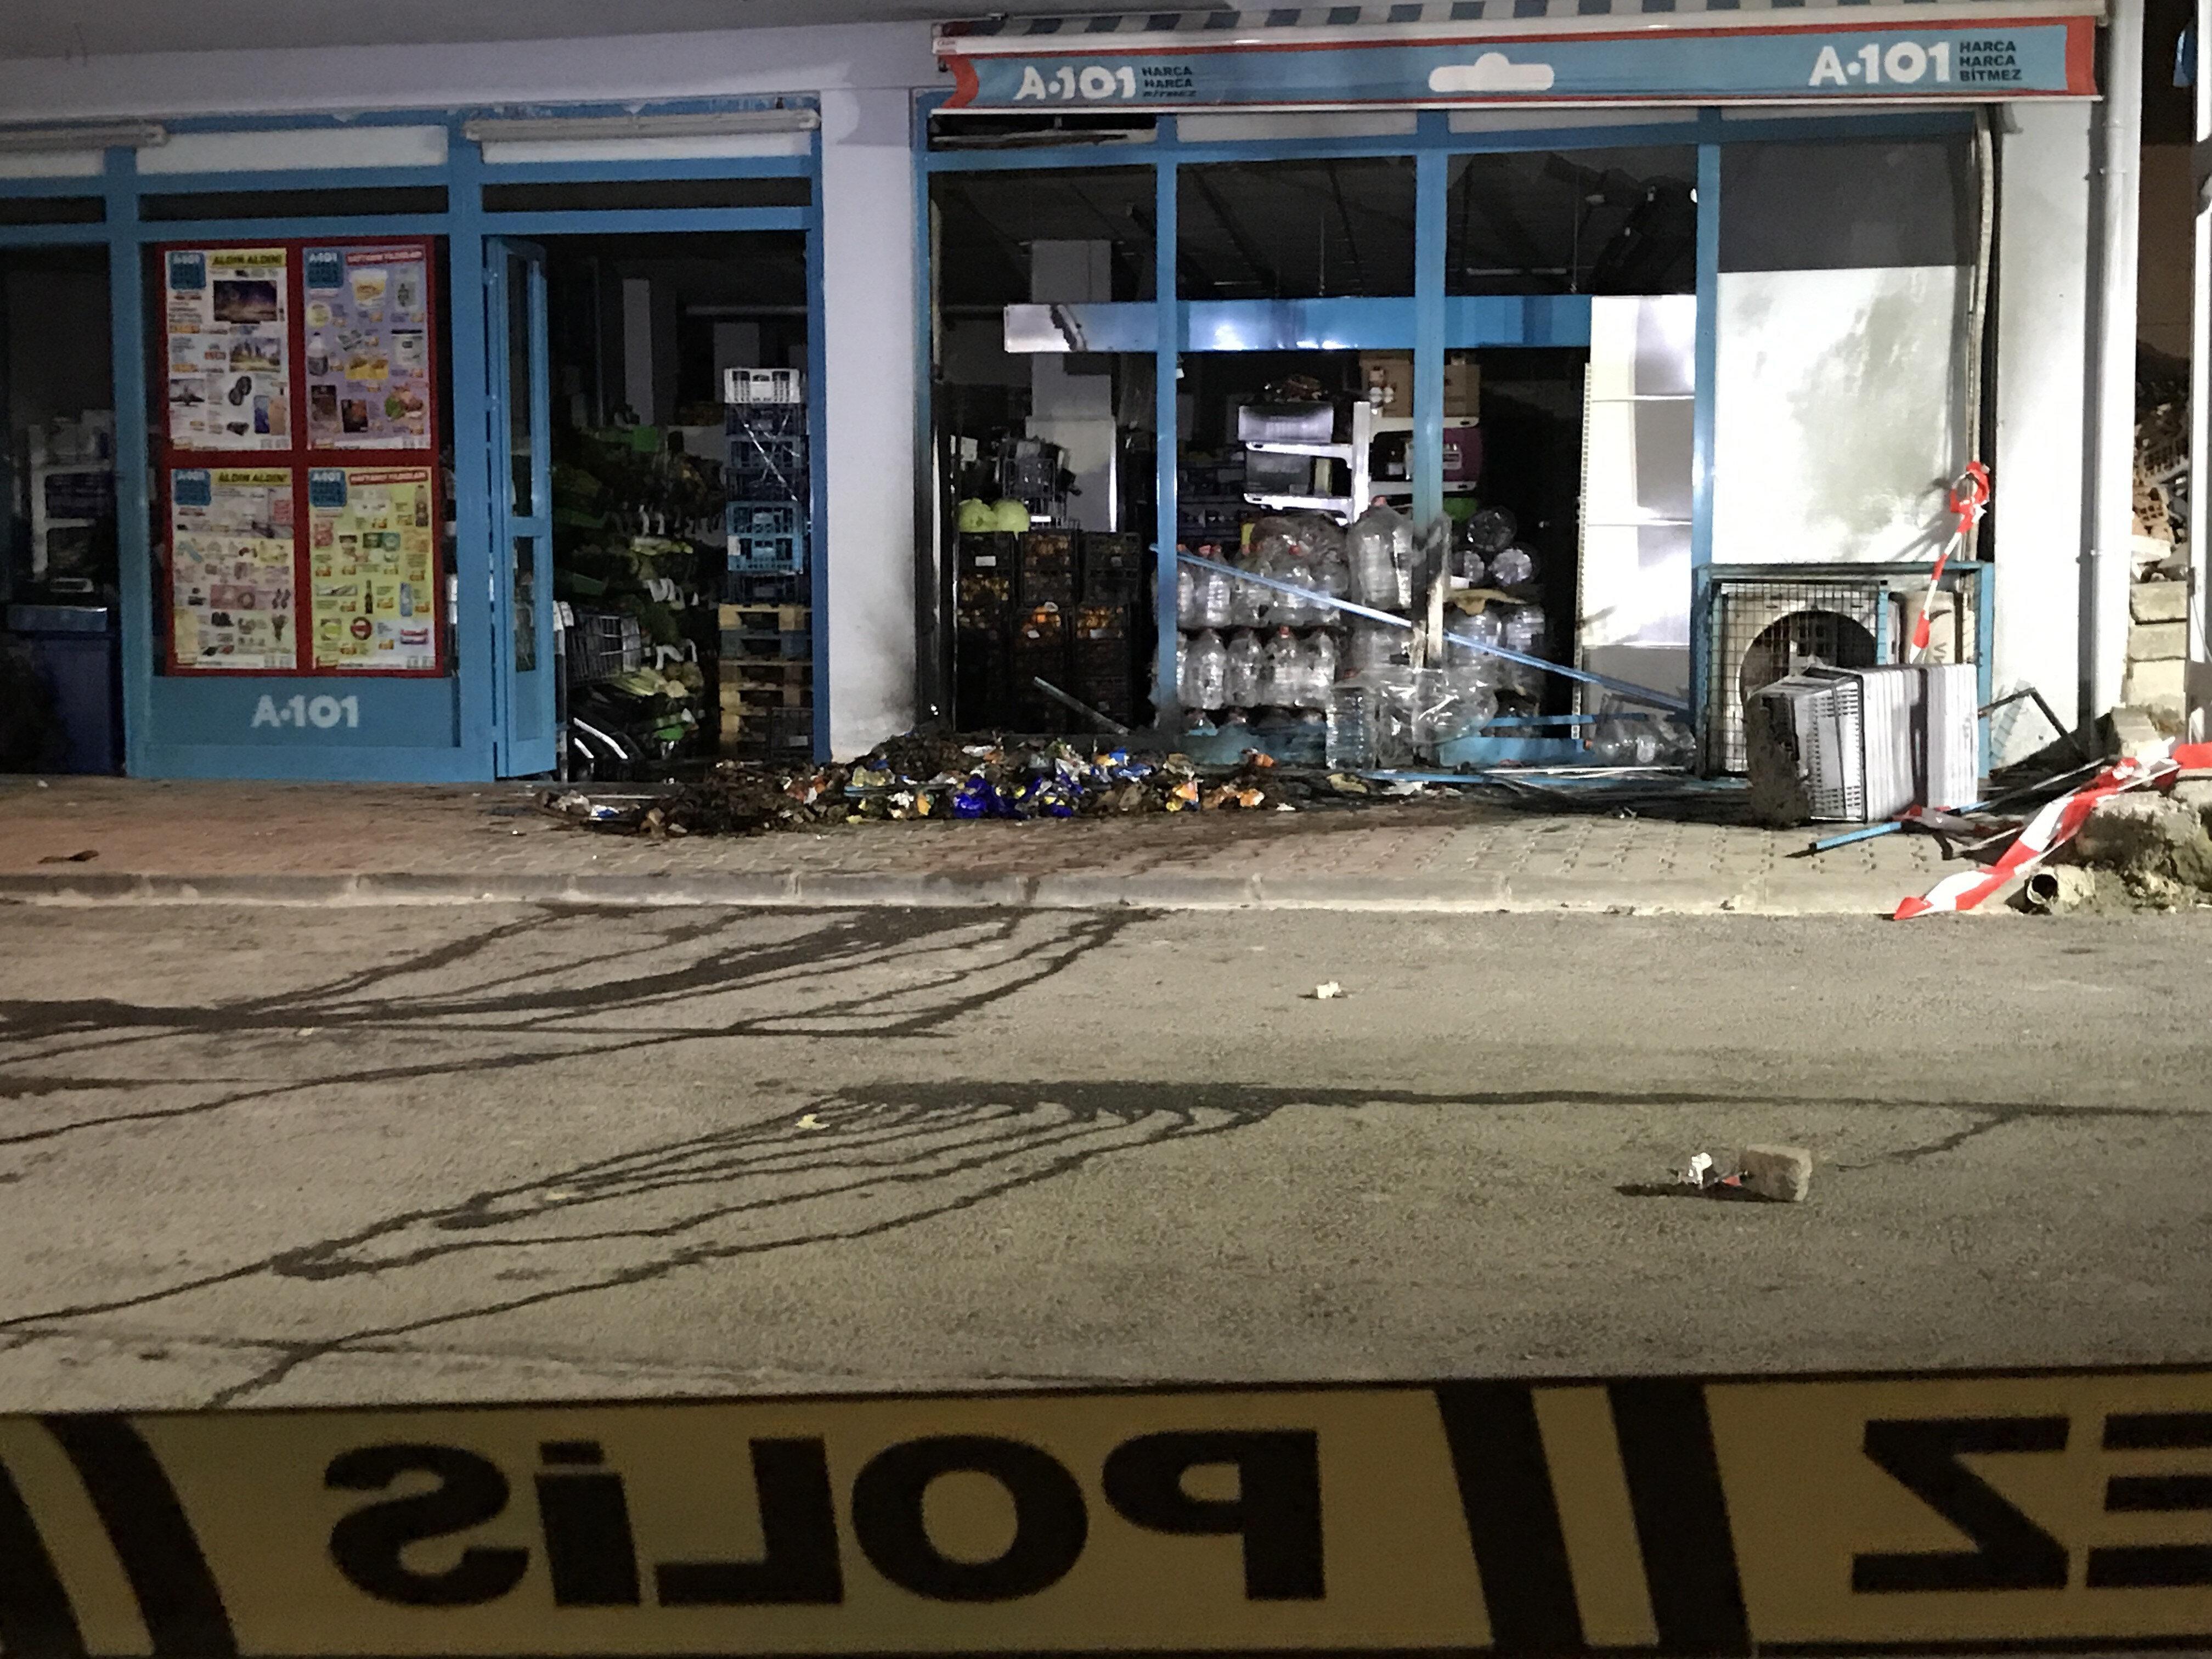 Arnavutköy'de bir markete atılan el yapımı patlayıcı (EYP) nedeniyle çıkan yangın söndürüldü.